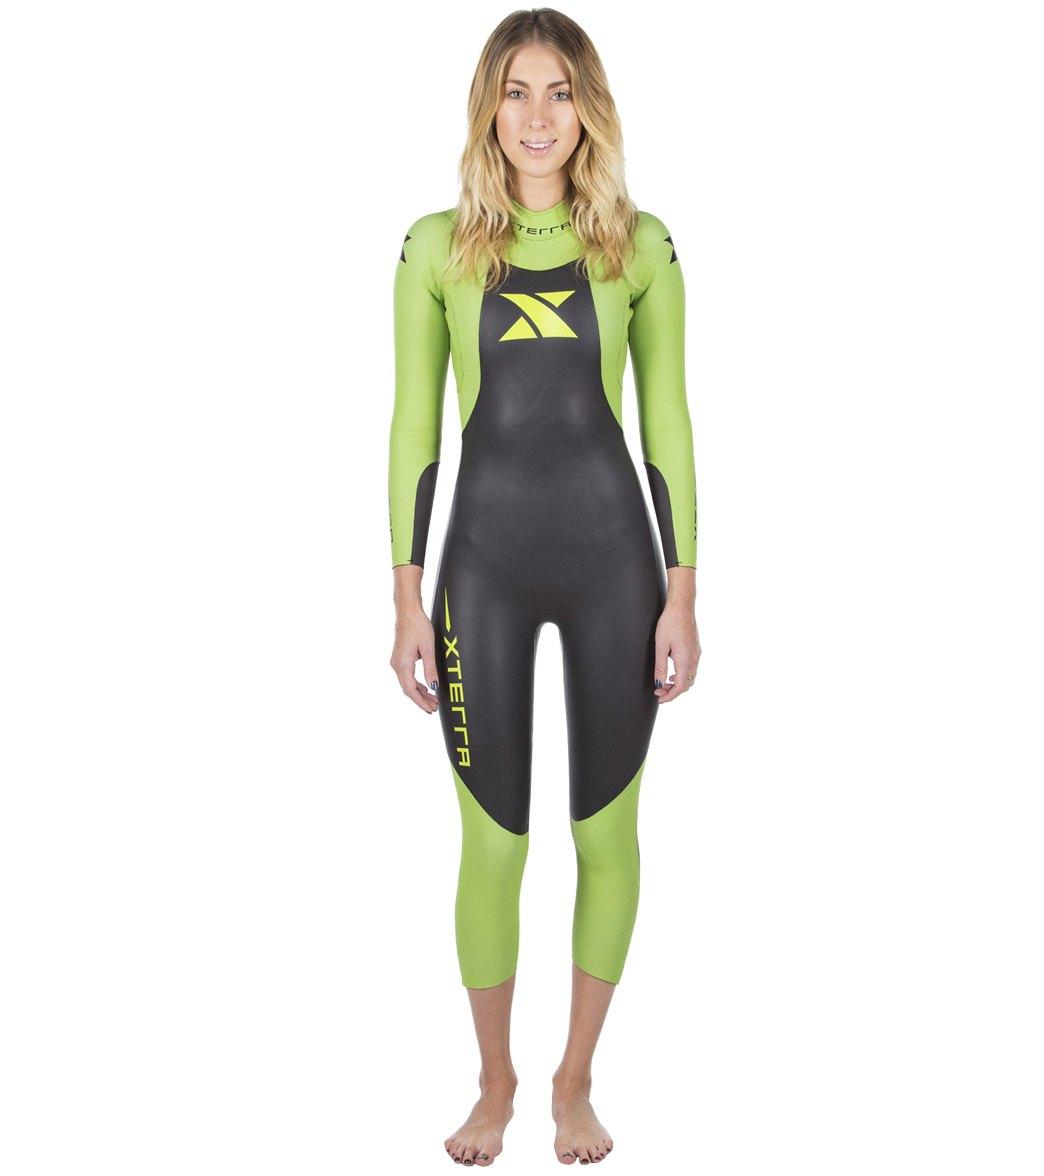 3386526e61 Xterra Wetsuits Women s Vivid Fullsuit Tri Wetsuit at SwimOutlet.com - Free  Shipping